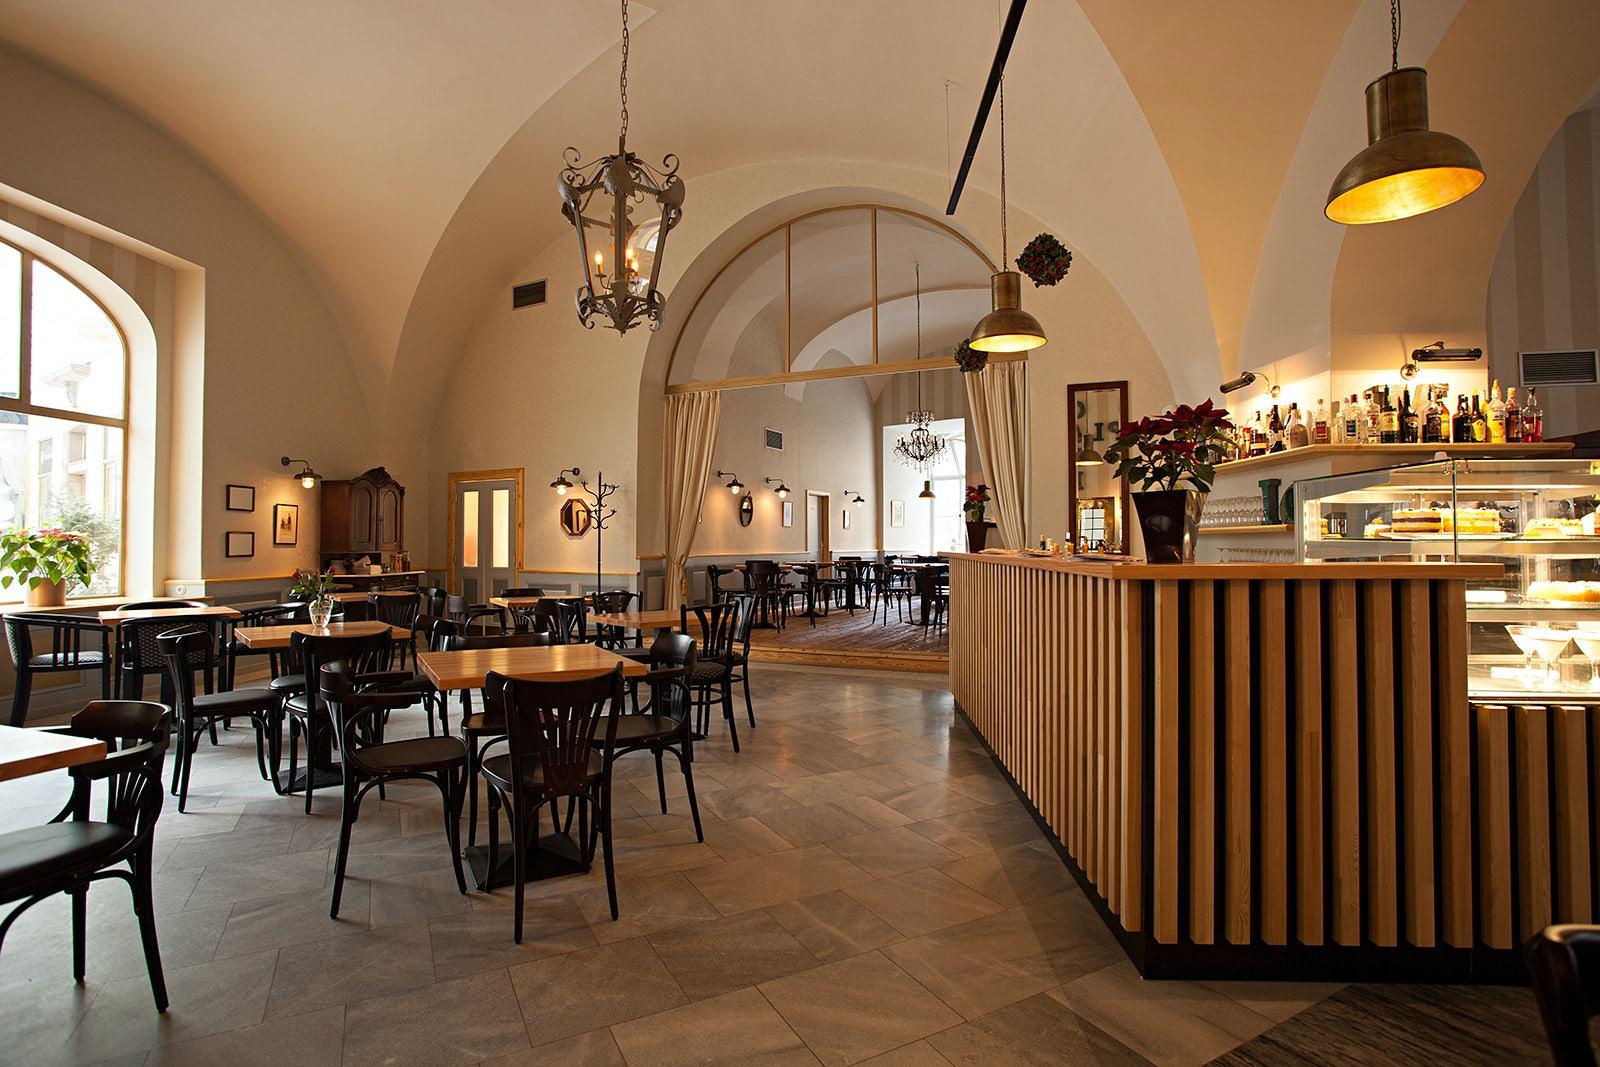 interior of Café Platyz